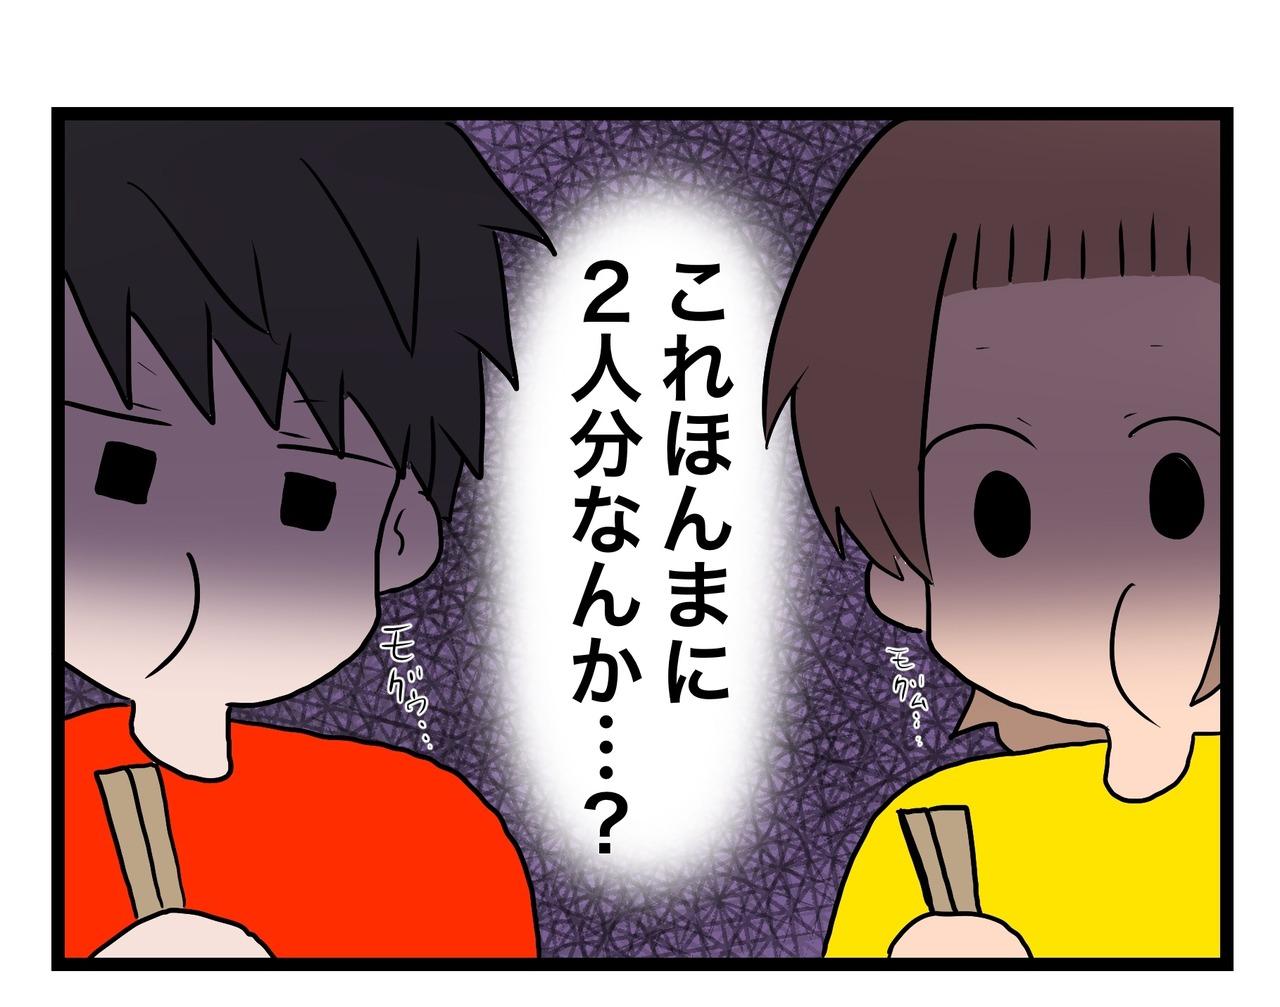 0DDCE156-A2EE-4713-B1C6-5033F96A8207